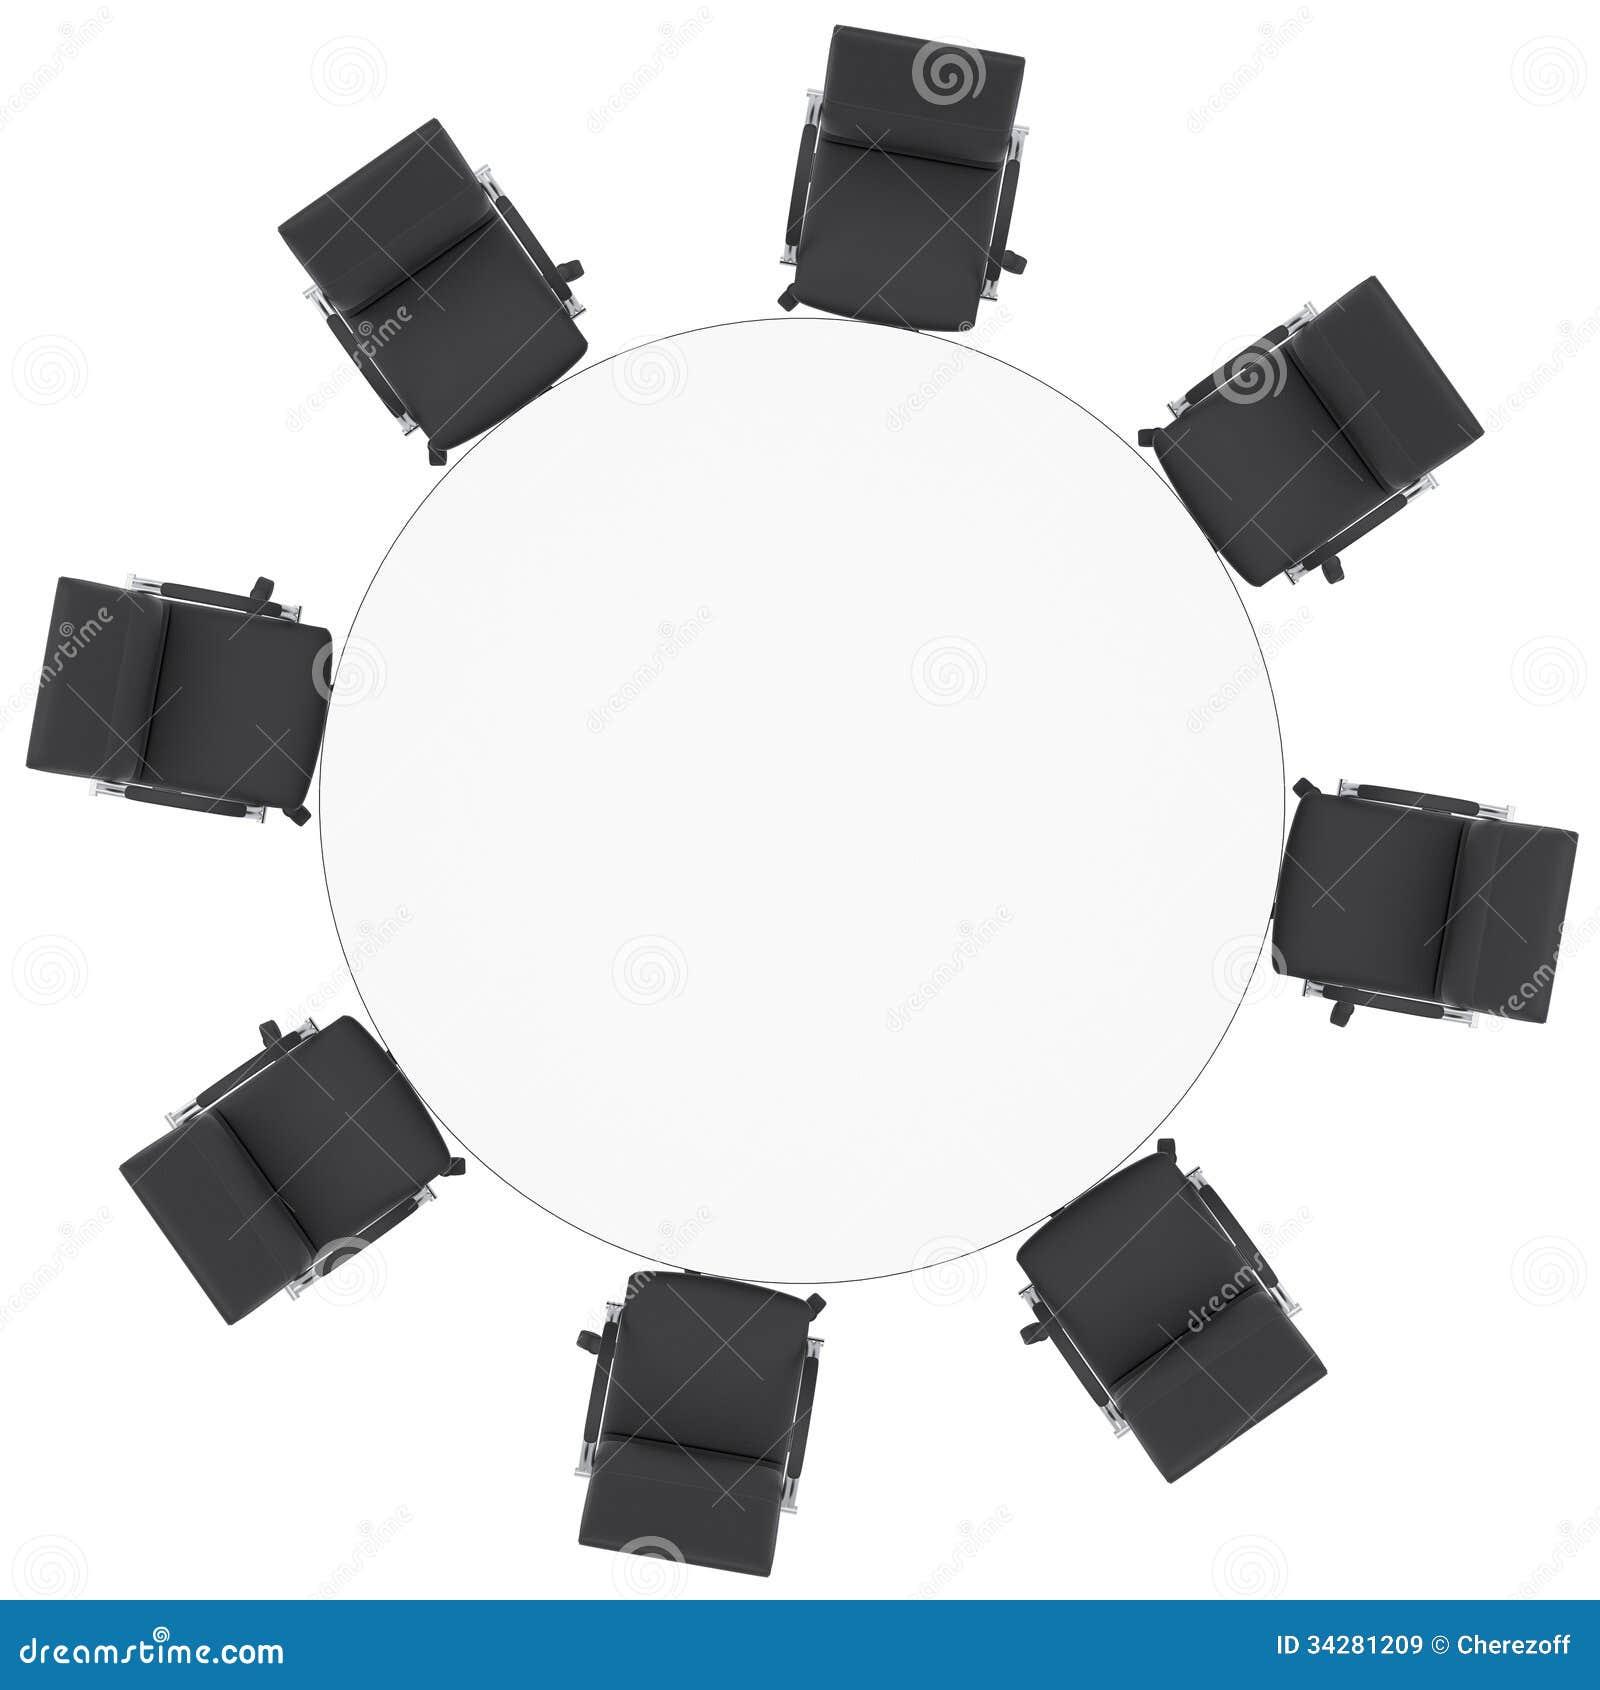 Bureau Chaises Ronde Et Table Illustration De Stock Yfbg76y